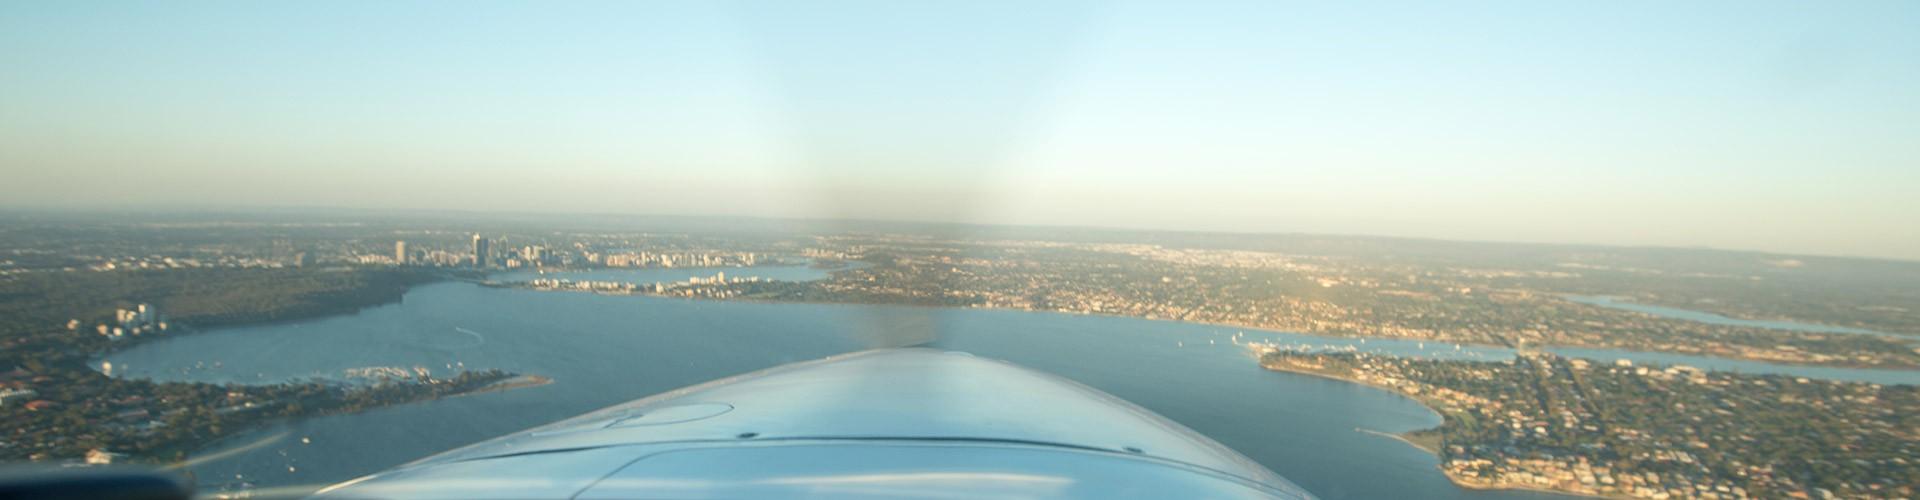 victor-65-v65-university-flying-club-jandakot-airport-learn-to-fly-vh-ezt-pipersport-sportscruiser-csa-lsa-rpl-ppl-private-pilot